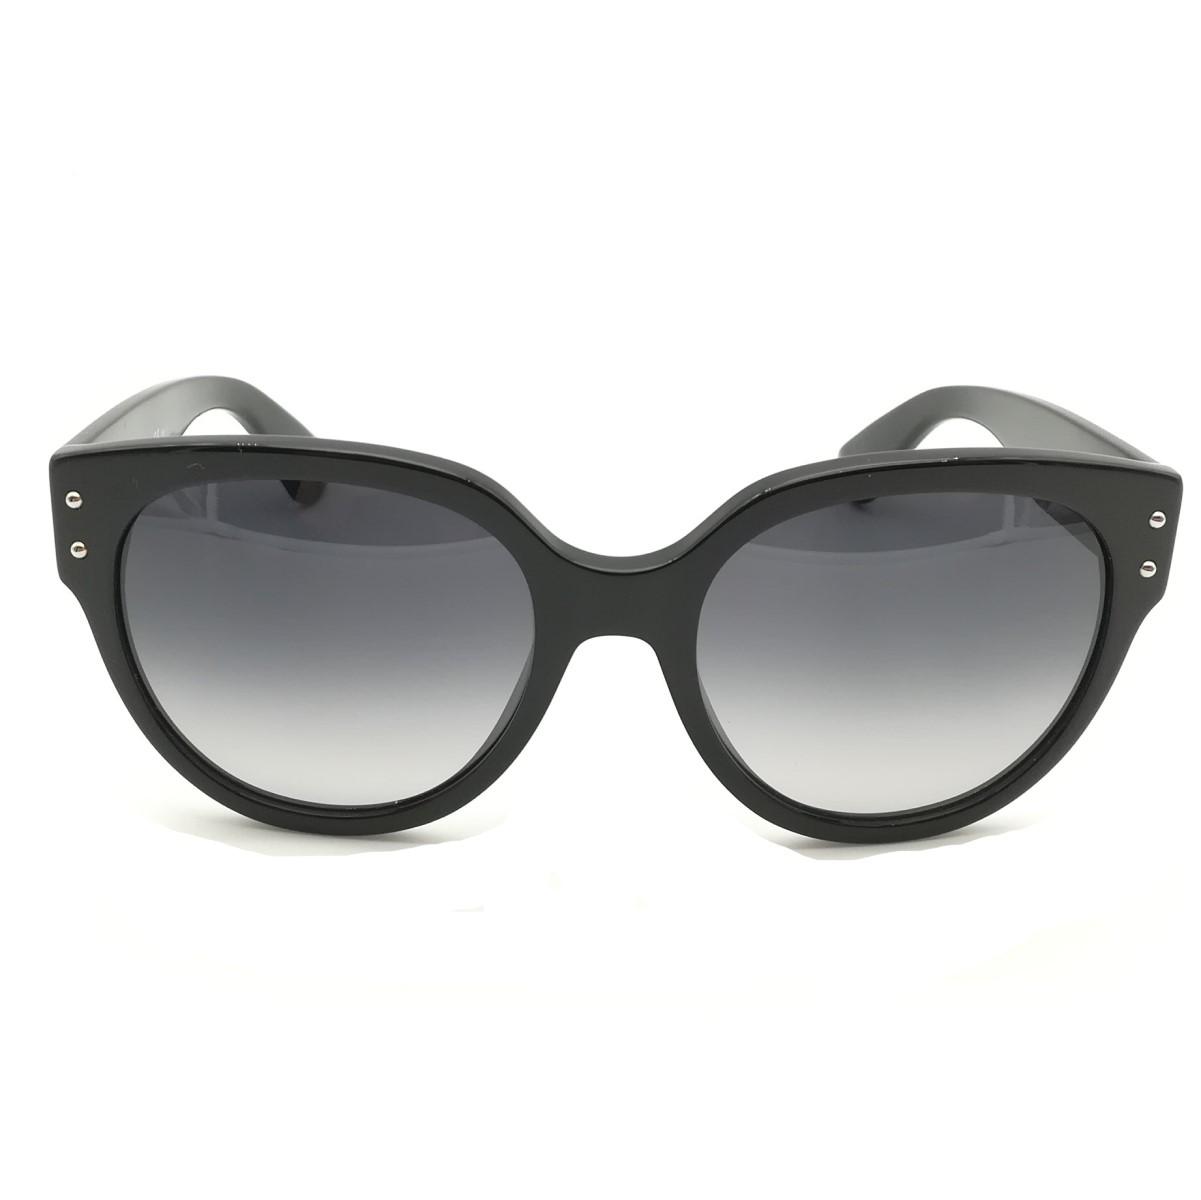 a basso prezzo aba7b 86ec6 Moschino occhiale da sole donna 013